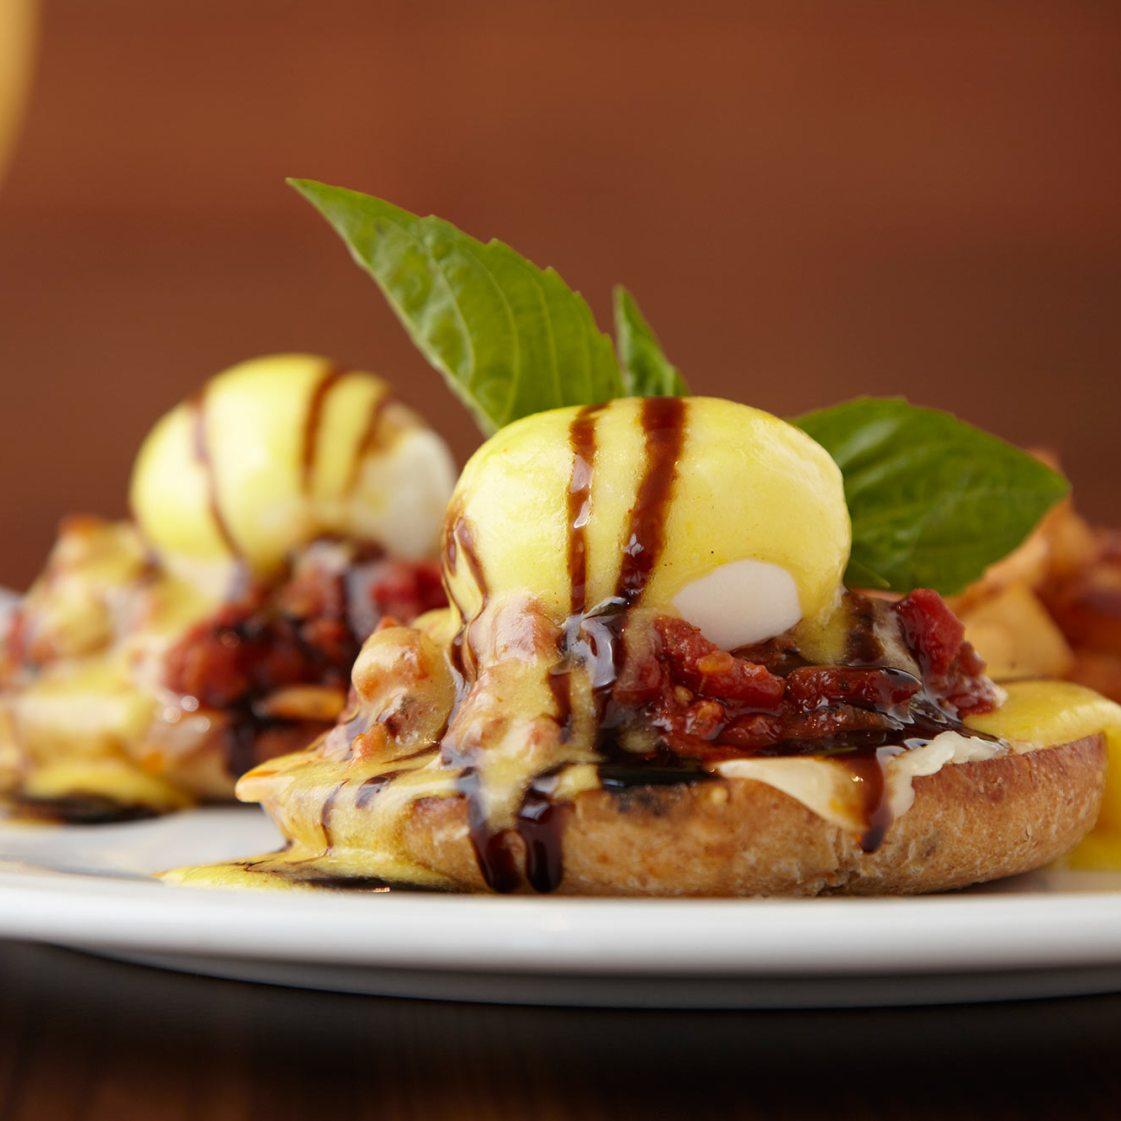 prasino - la grange, illinois - breakfast